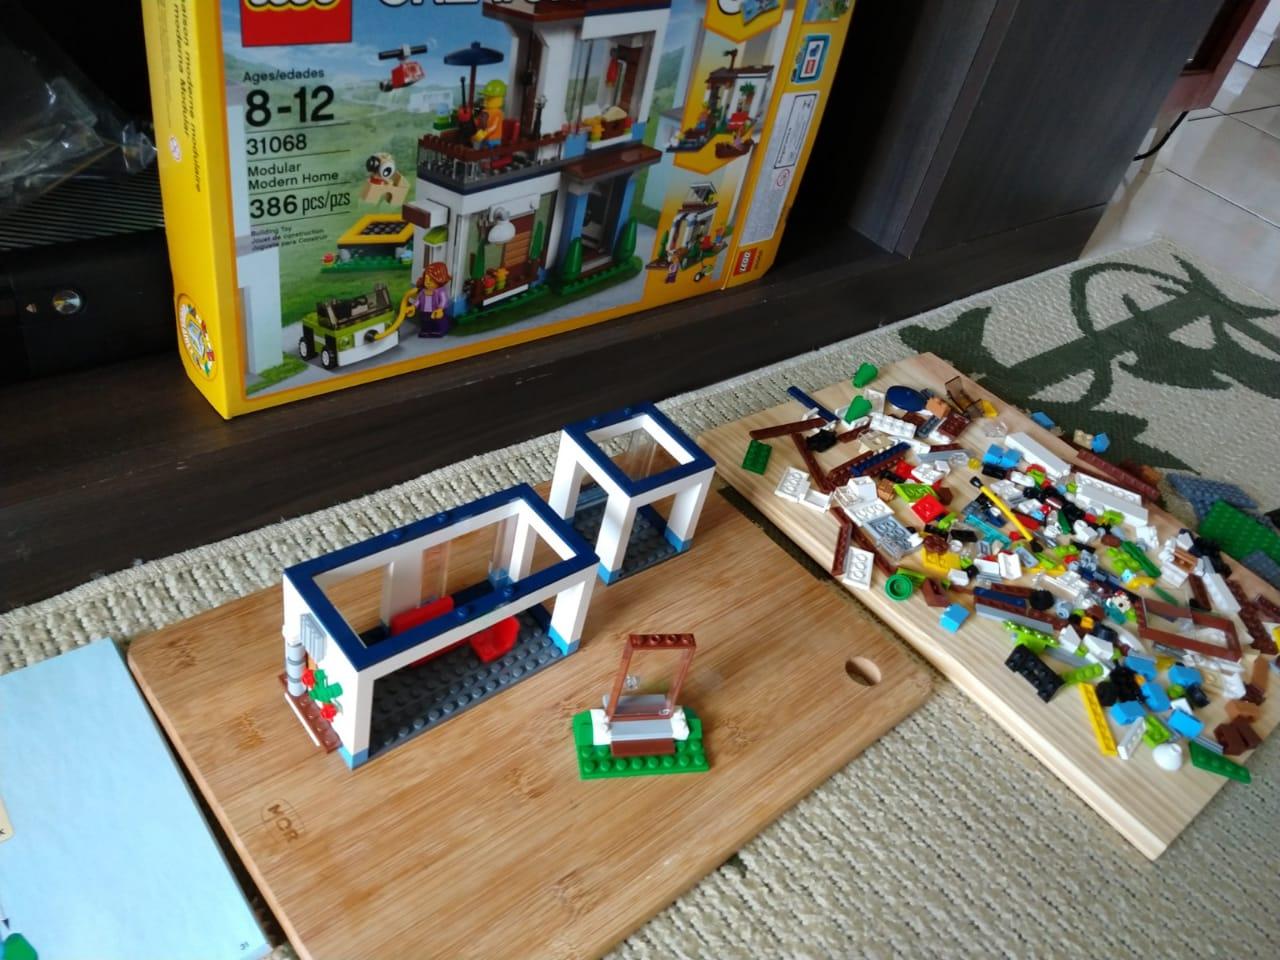 lego modular home 4